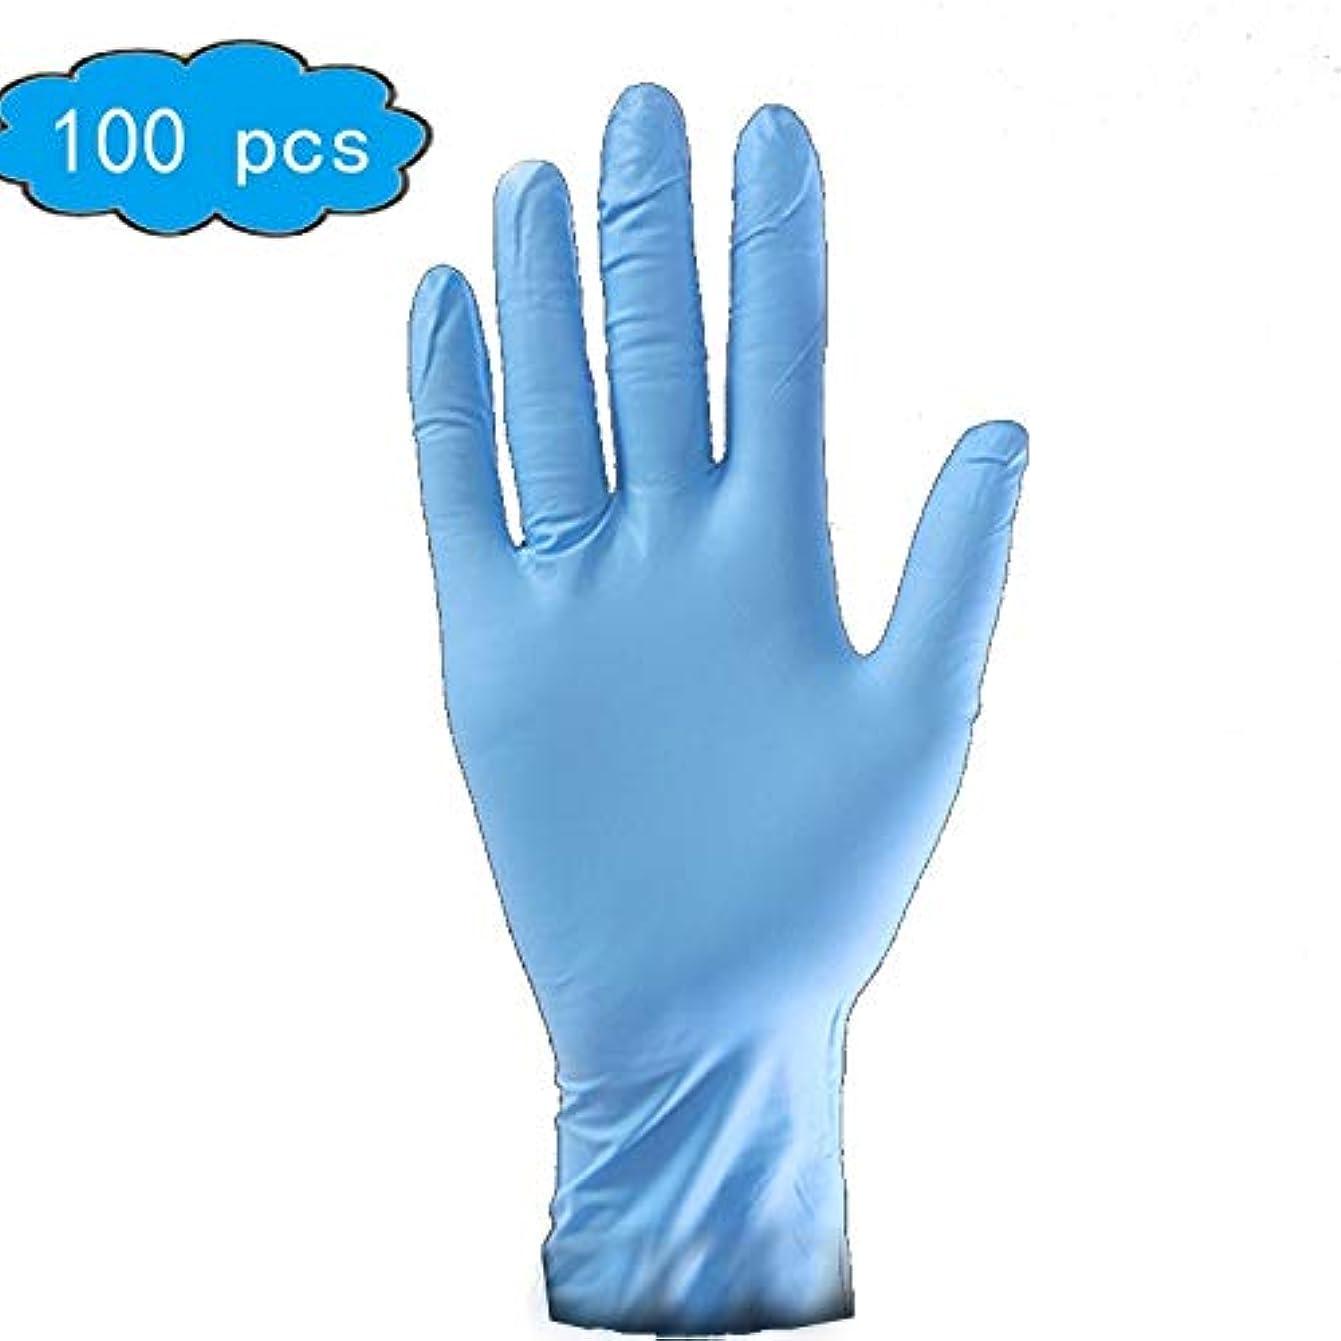 統合お父さんケージニトリル試験用手袋-医療グレード、パウダーフリー、ラテックスゴムフリー、使い捨て、非滅菌、食品安全、質感、白色、5 Mil、100個入り、サイズ小、ラボ&科学製品 (Color : Blue, Size : M)